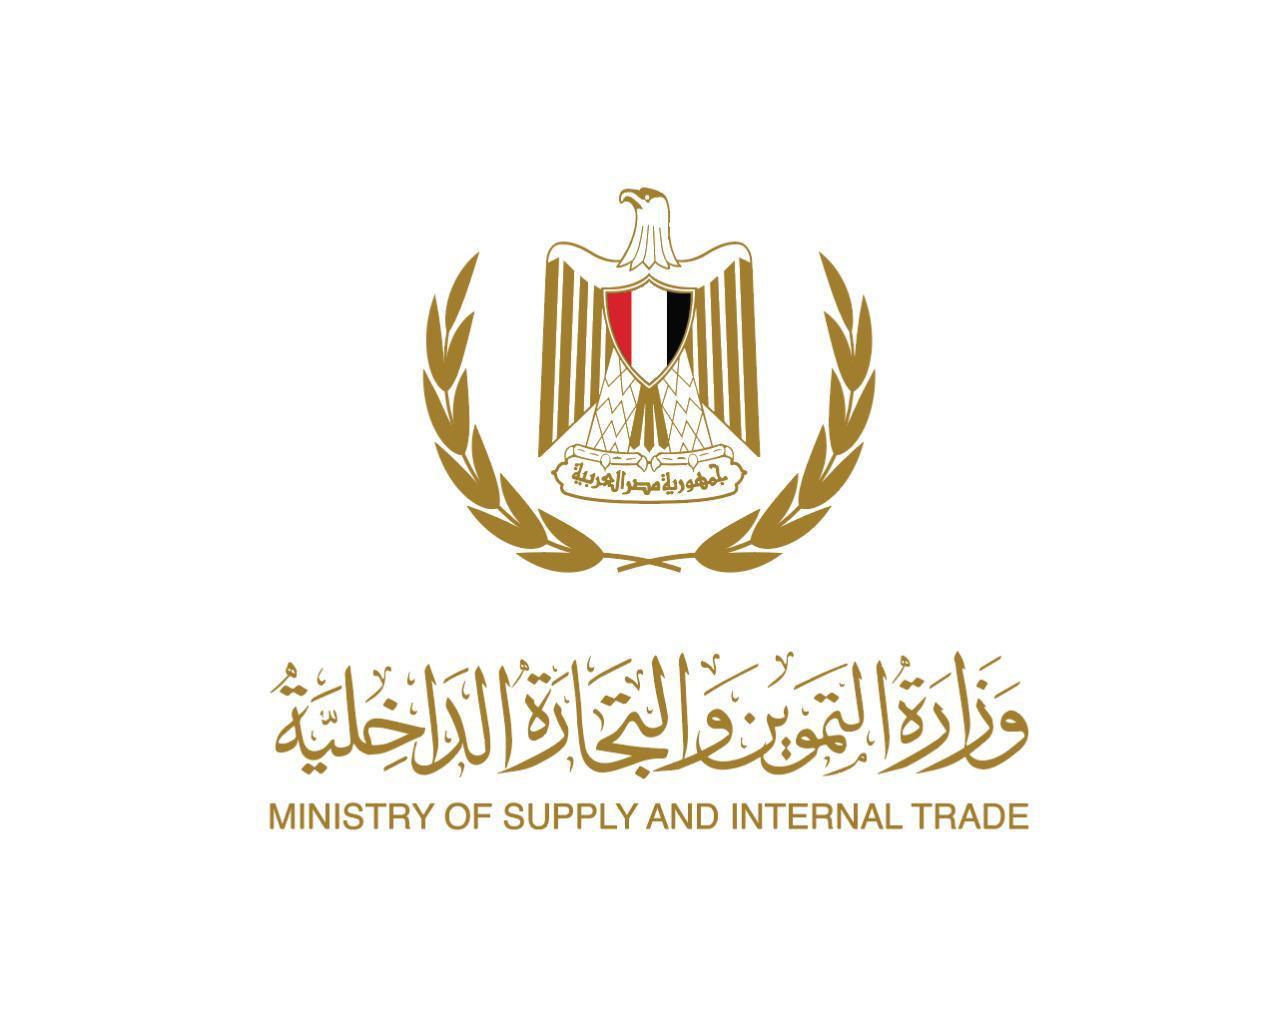 وزير التموين: رفع درجة الاستعداد بكل قطاعات الوزارة فى الاعياد والمناسبات